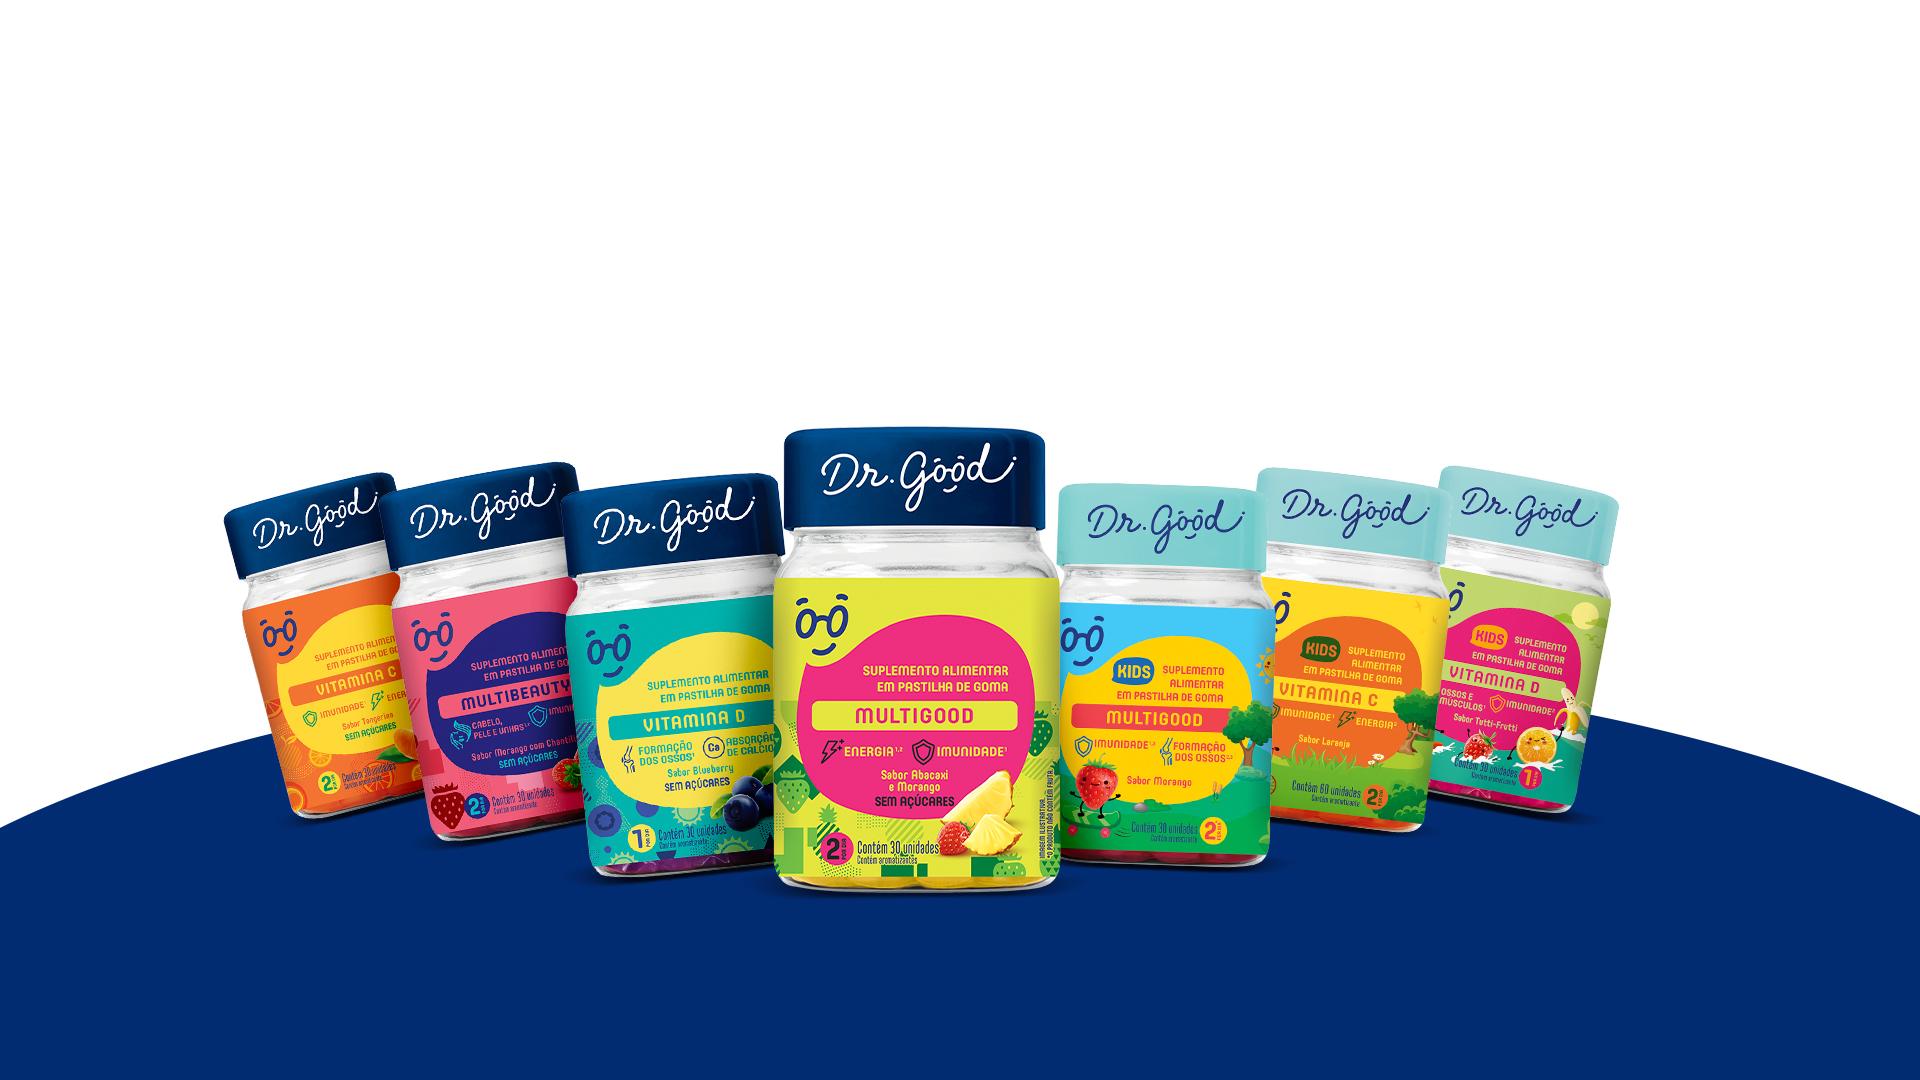 dr-good-chega-ao-mercado-de-suplementos-vitaminicos-em-goma